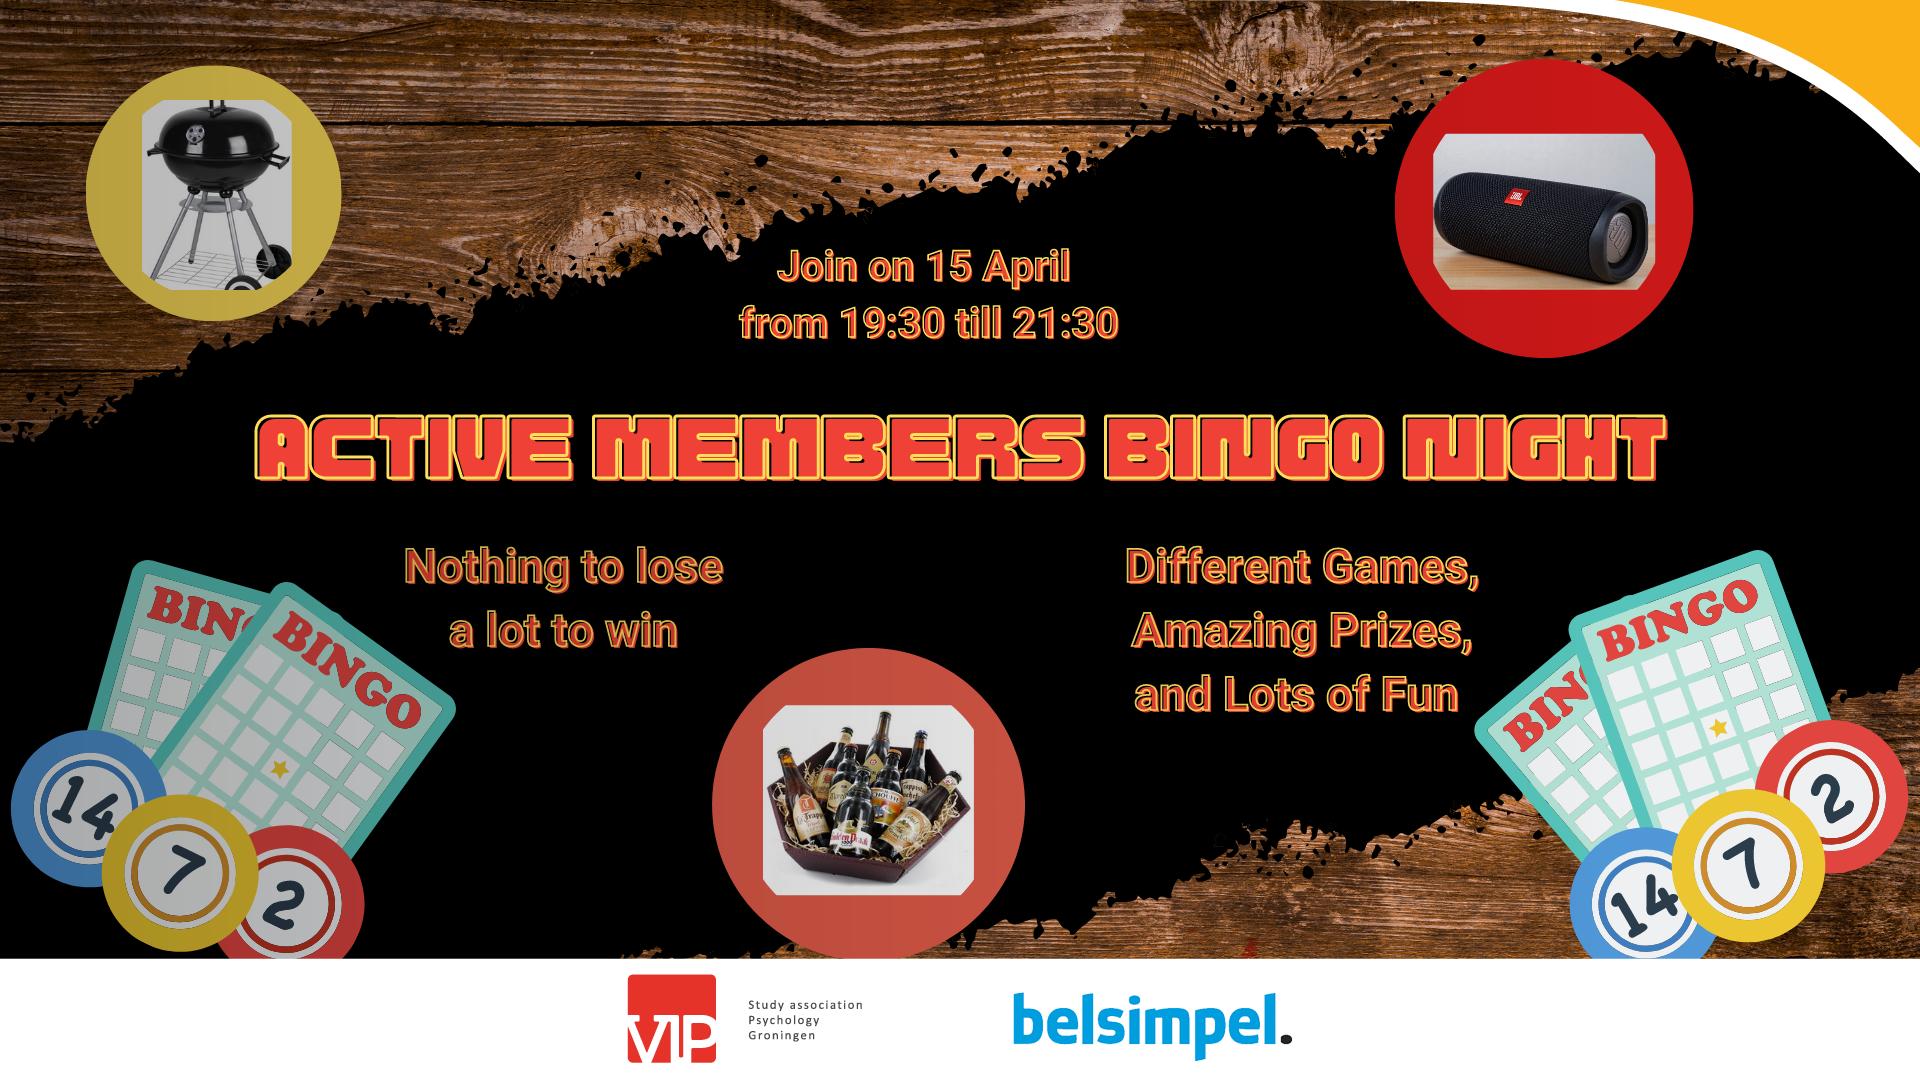 VIP: Active Members Bingo